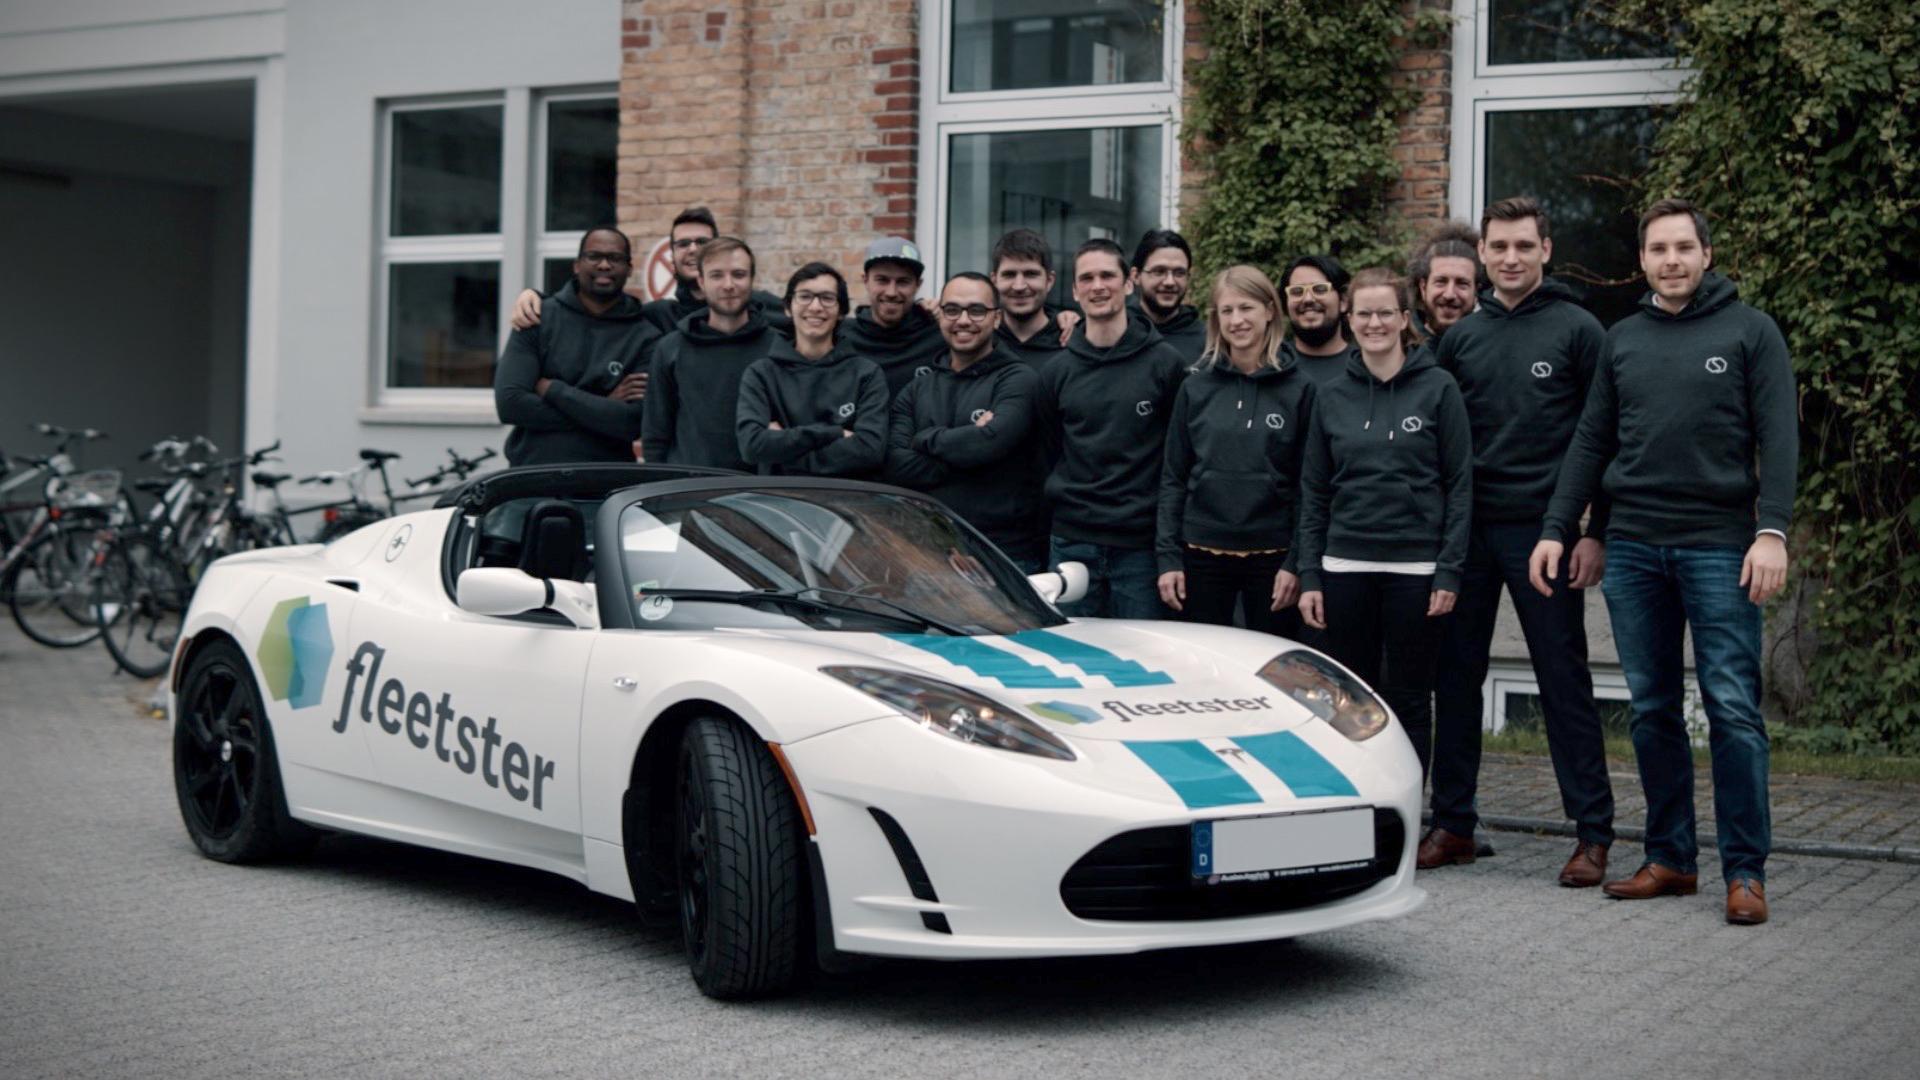 fleetster team posing in front of the Tesla roadster